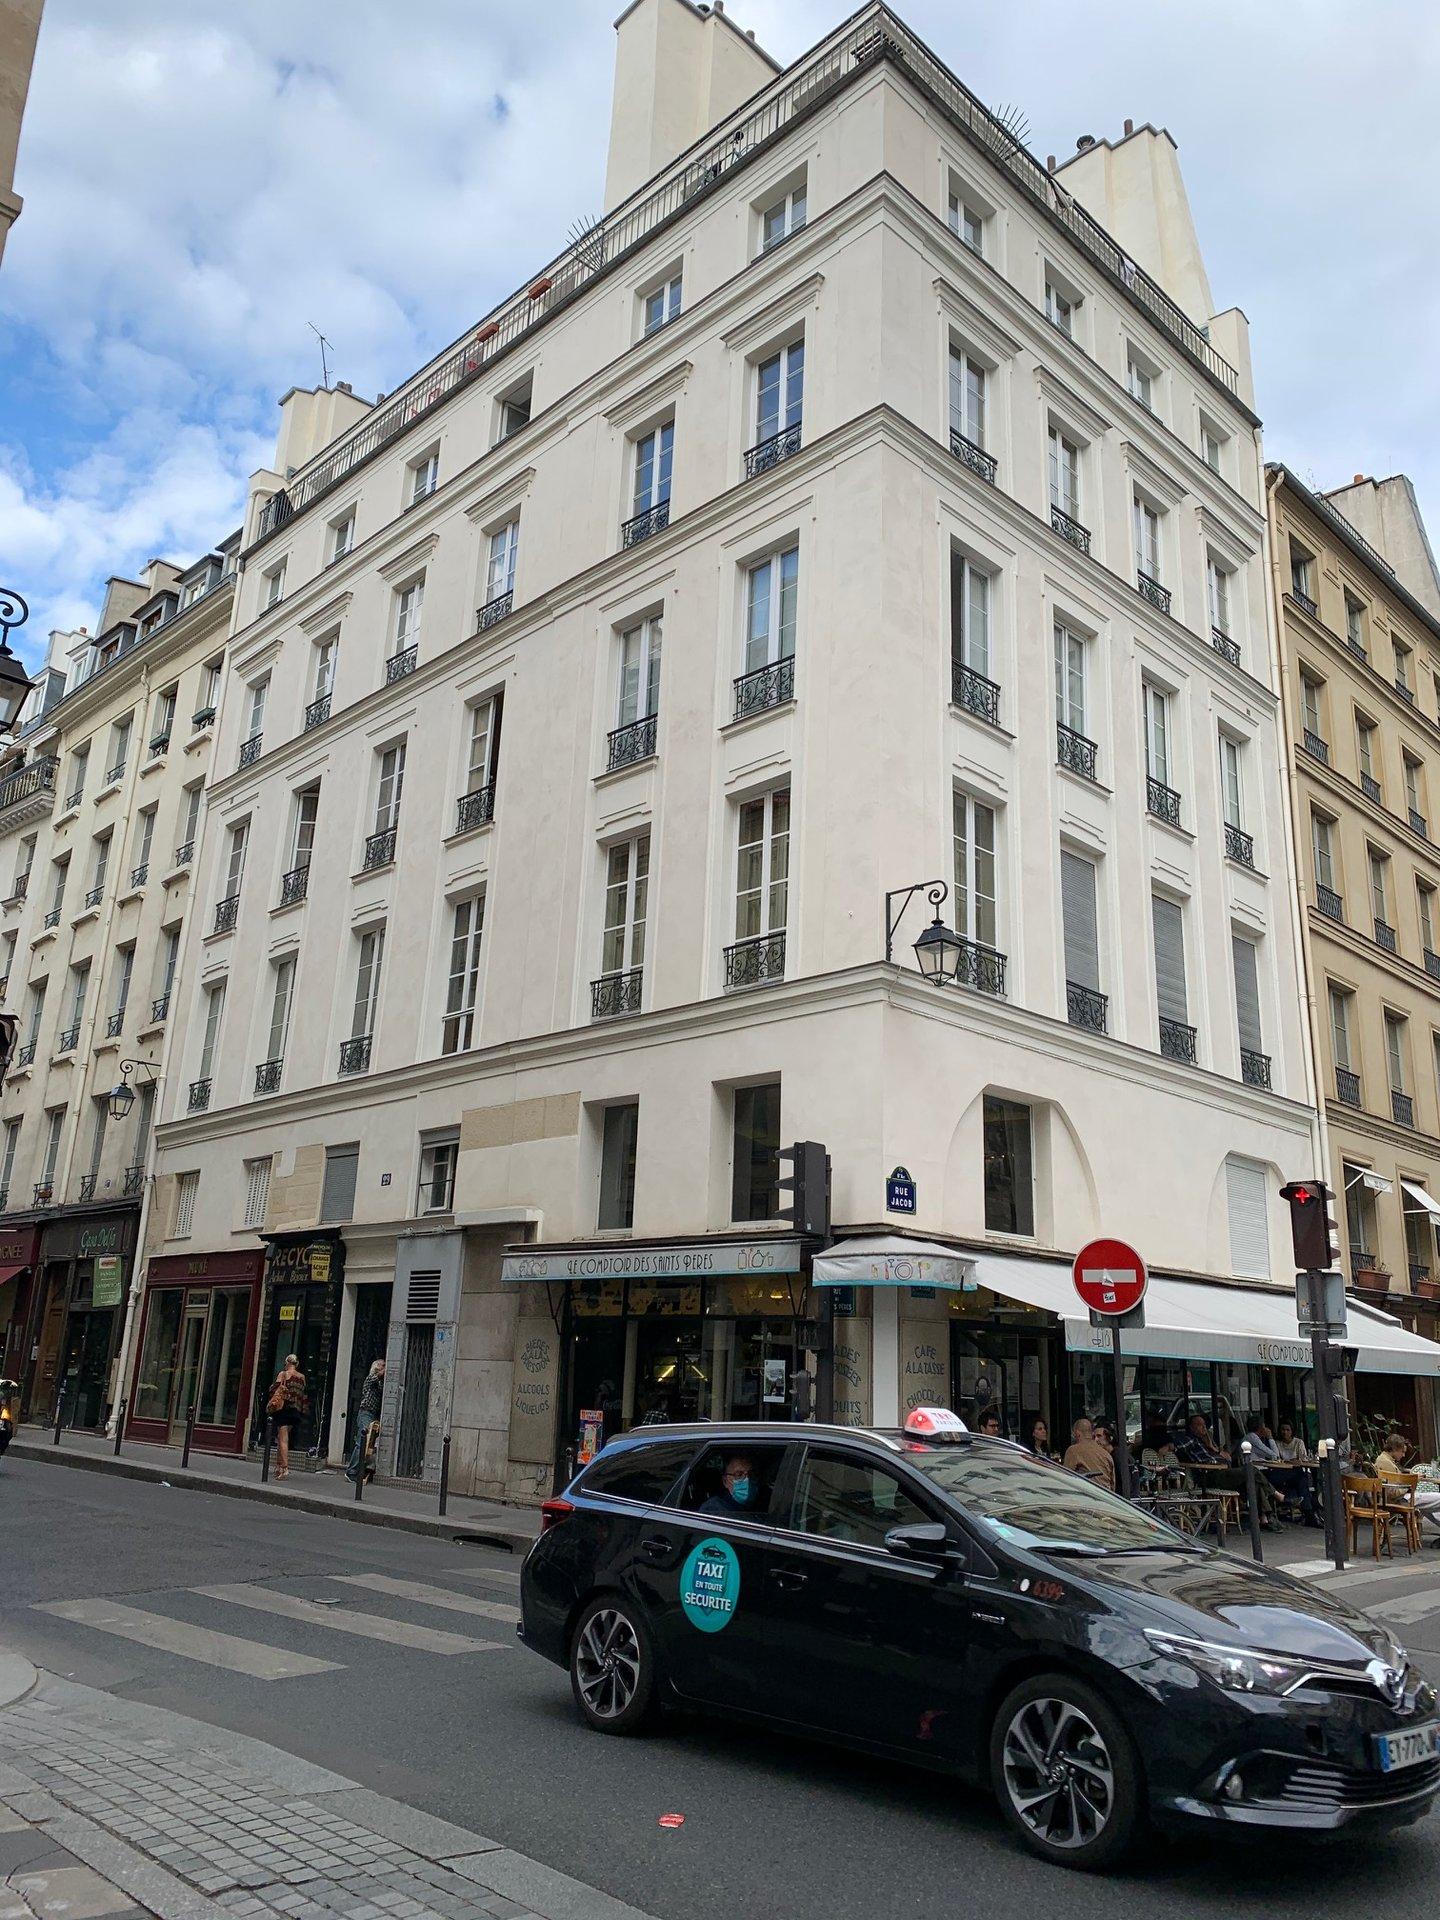 Rue des st peres